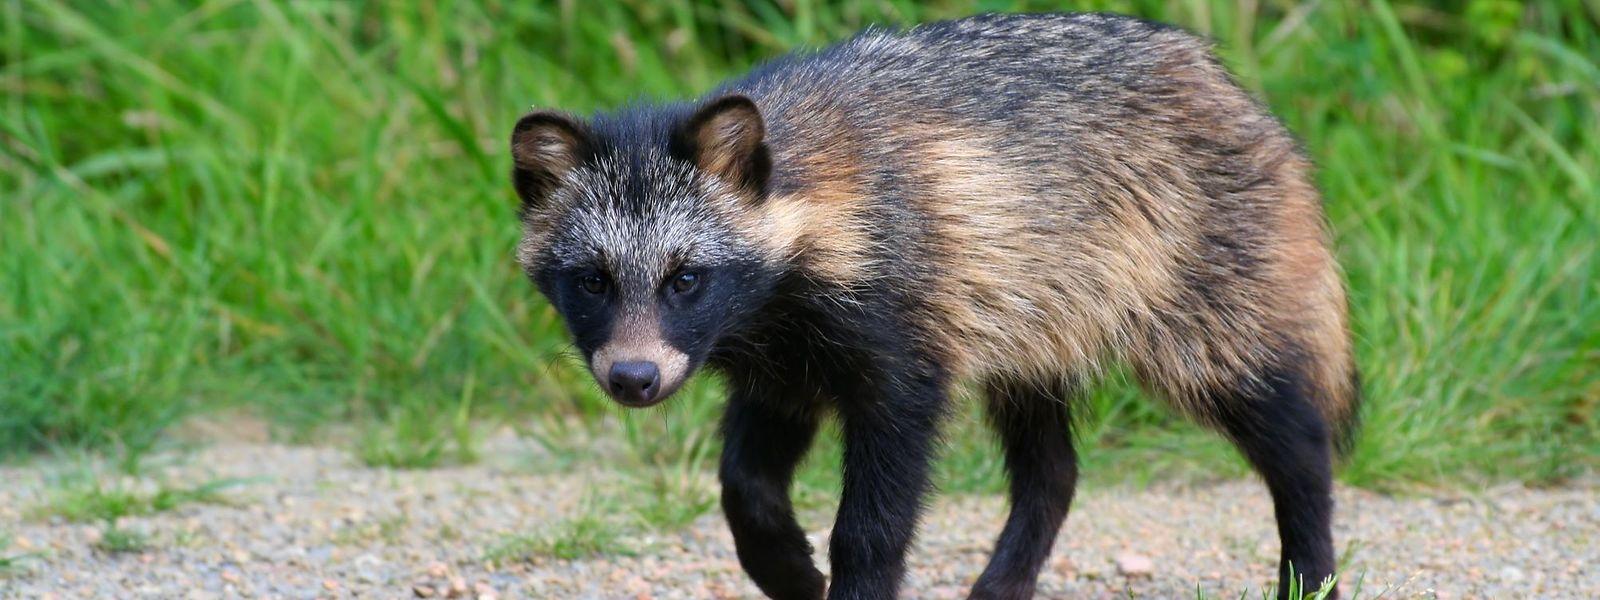 Der Marderhund könnte Sars-Cov-2 auf den Menschen übertragen haben.